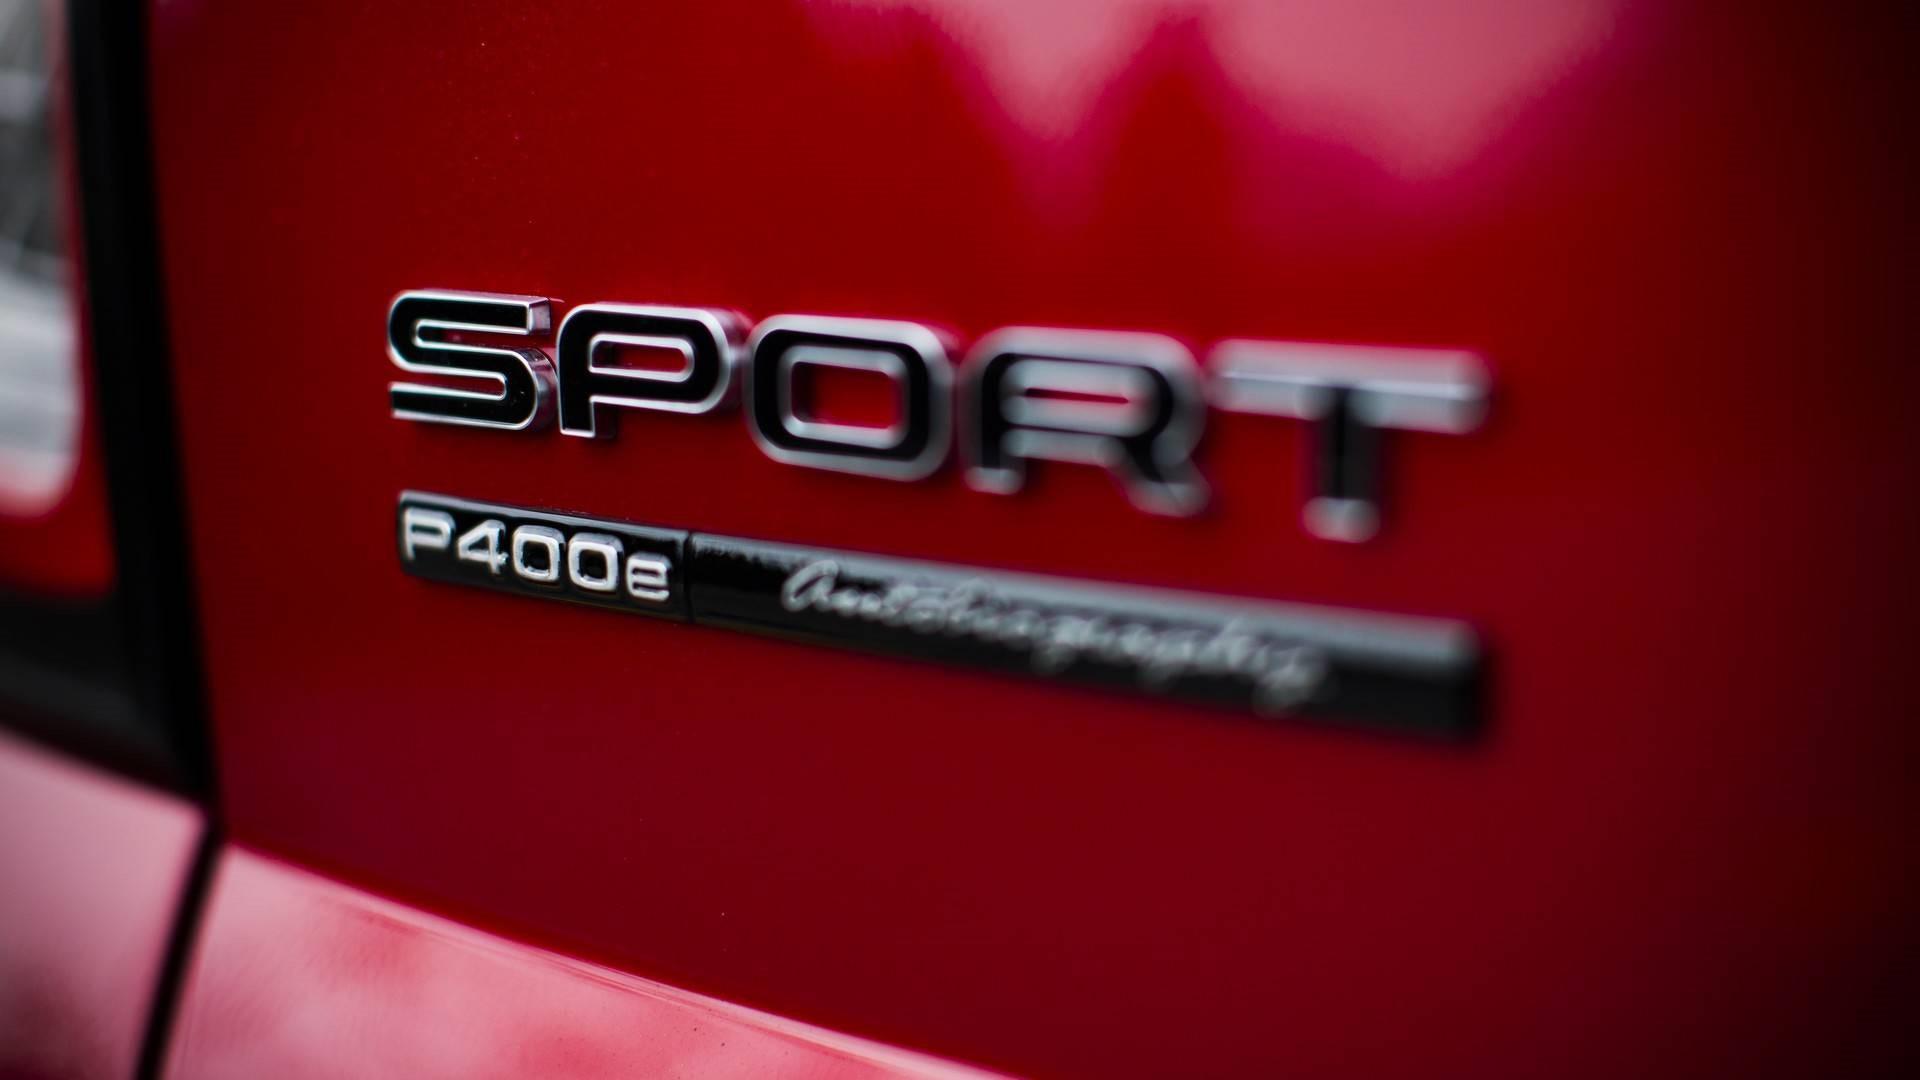 incroyable-record-999-marches-a-450-en-land-rover-sport-p400e-633-5.jpg